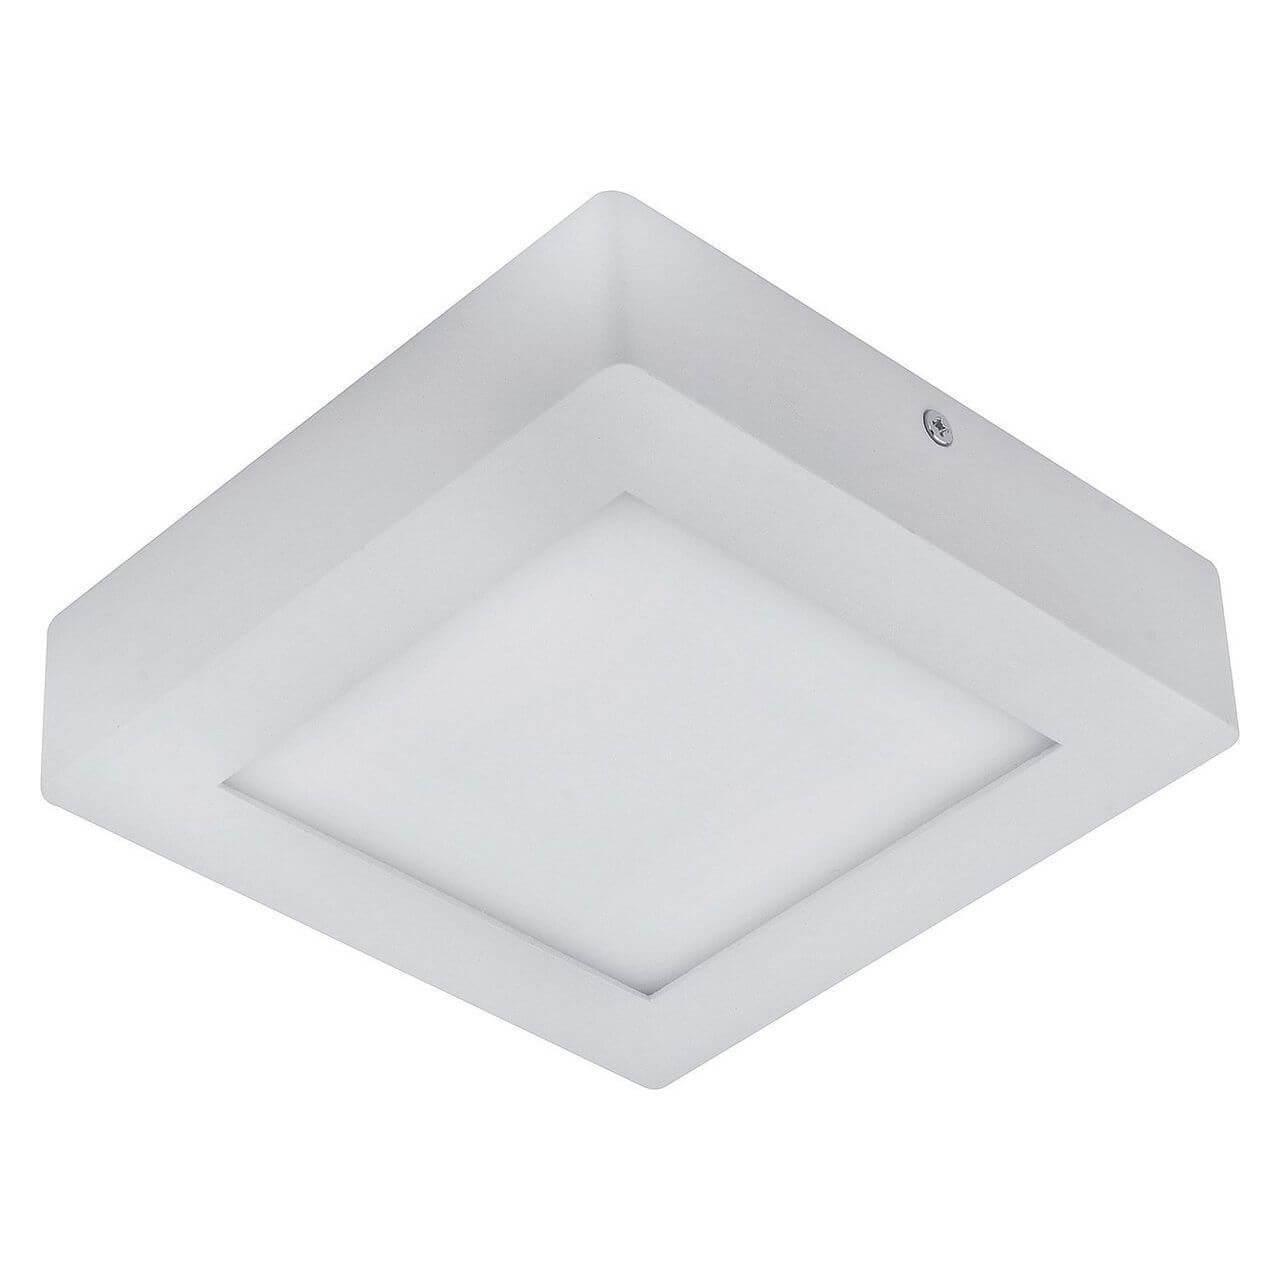 Потолочный светодиодный светильник Horoz 15W 4200K белый 016-026-0015 (HL639L) цена